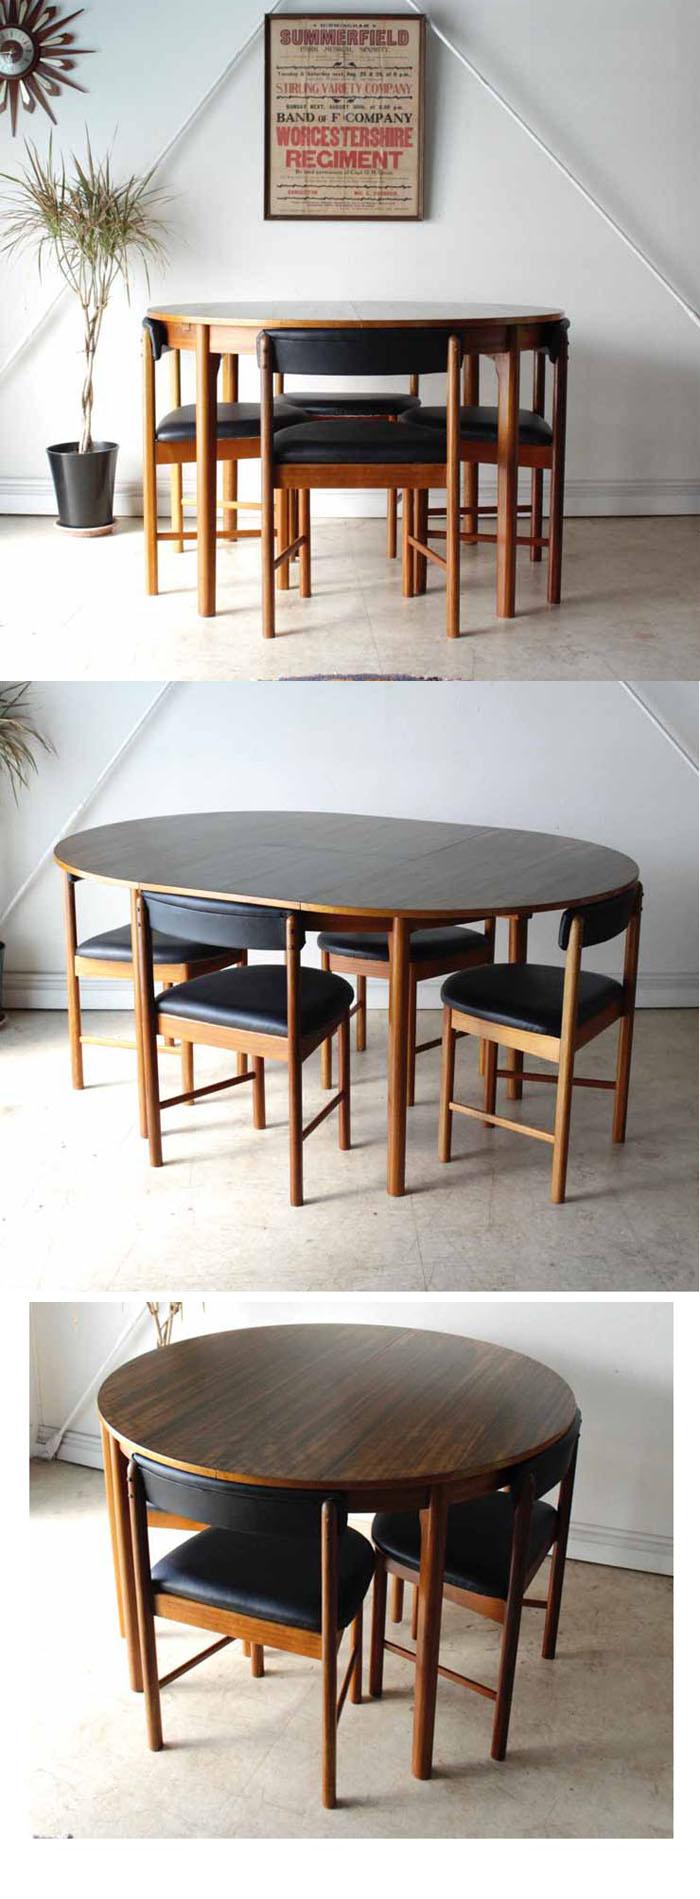 まっきントッシュ椅子4脚セット ビンテージ英国製